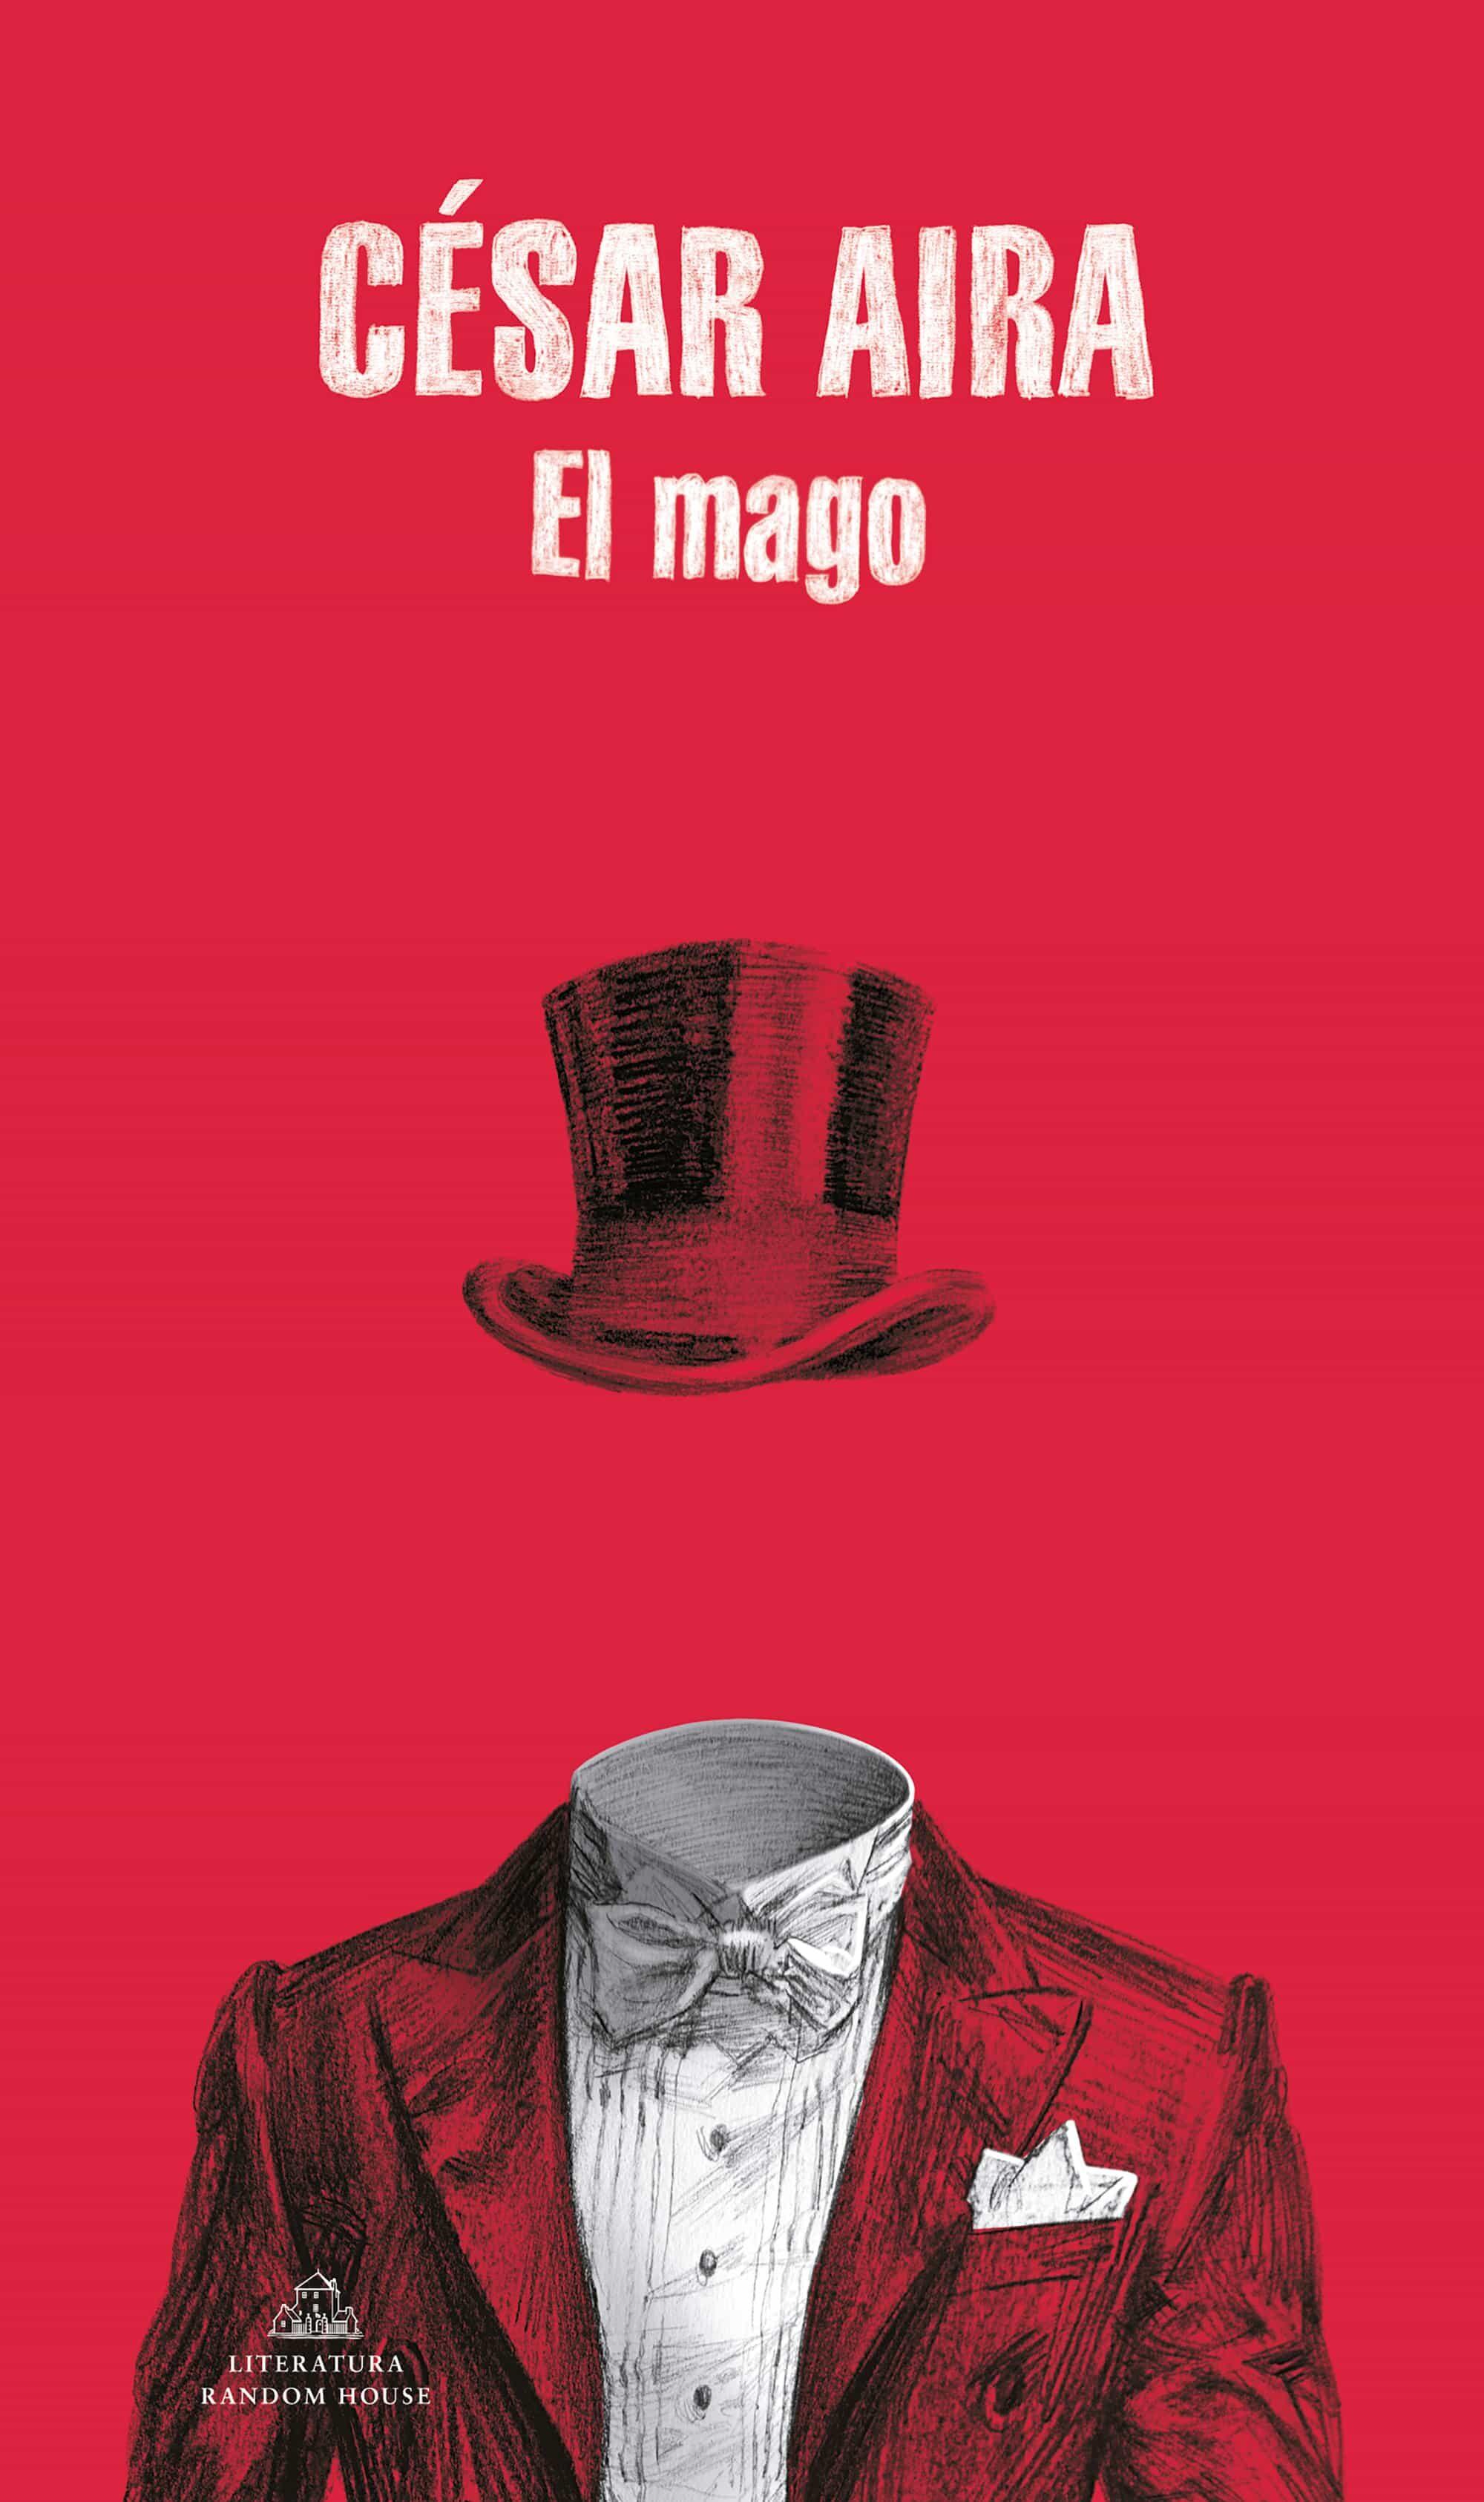 El mago - César Aira 9788439709176